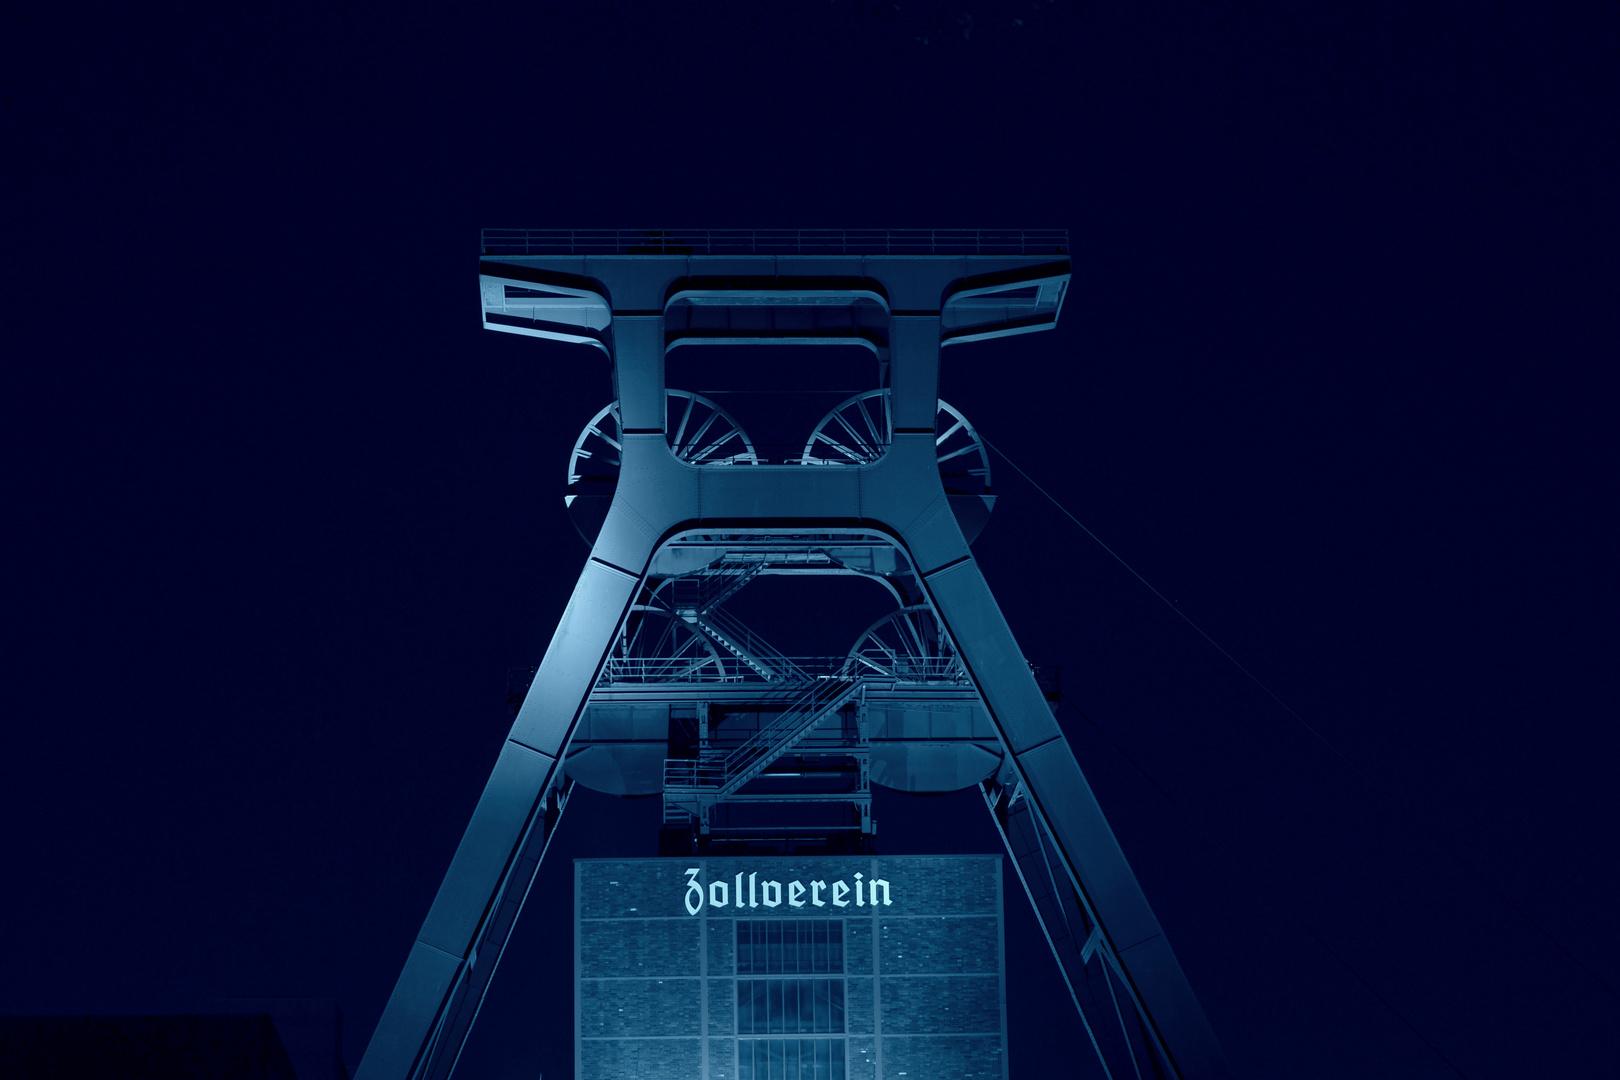 Zollverein ausflug 3